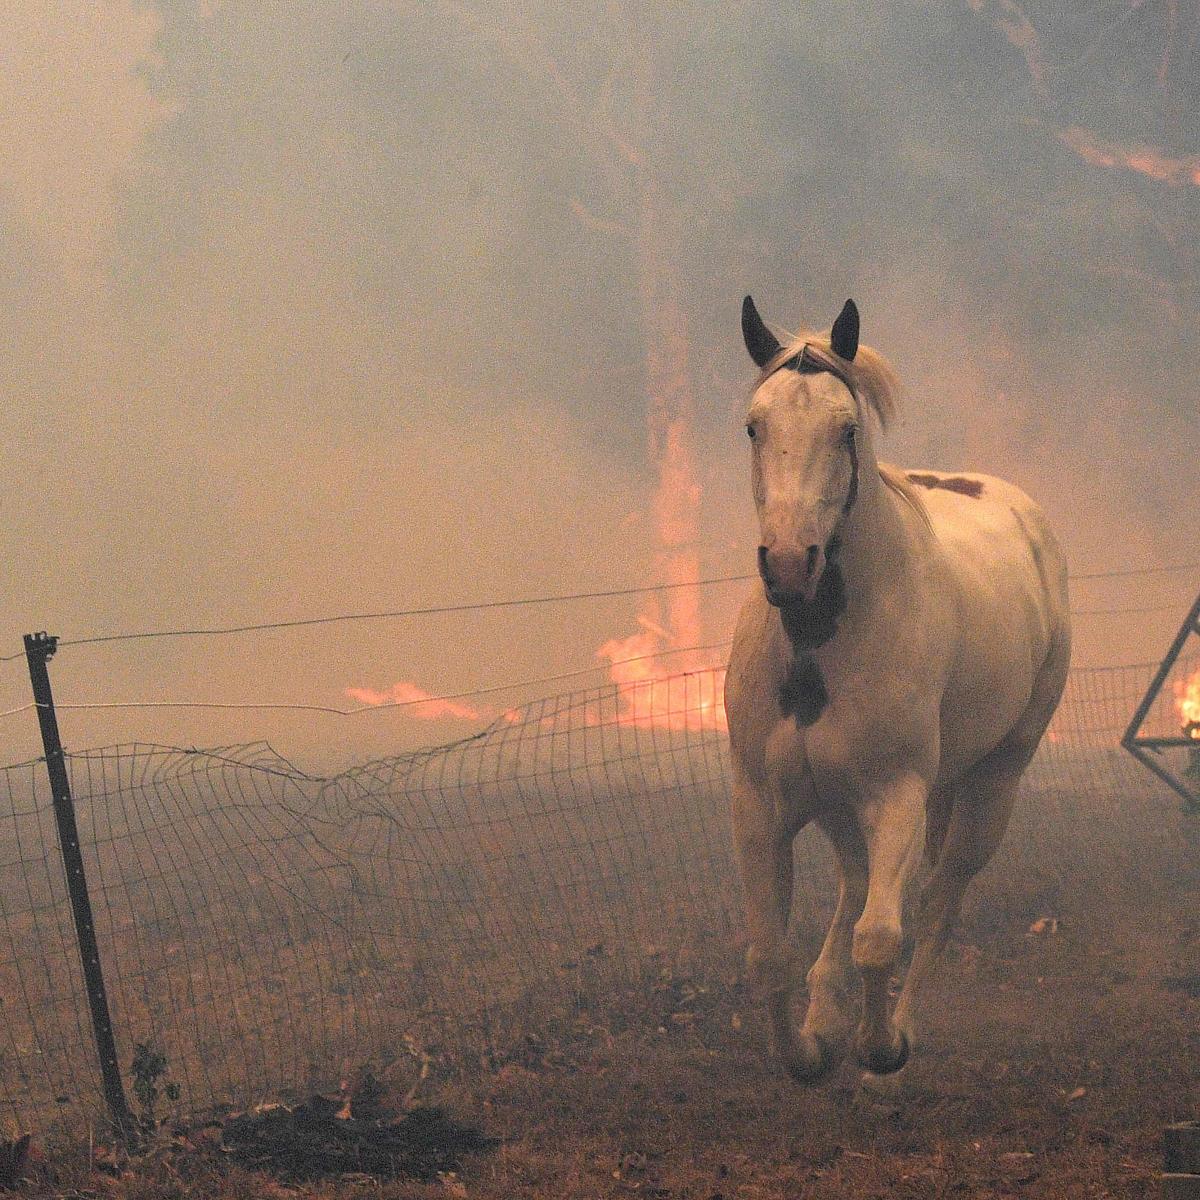 Oz fires: 7 dead, over 200 homes destroyed